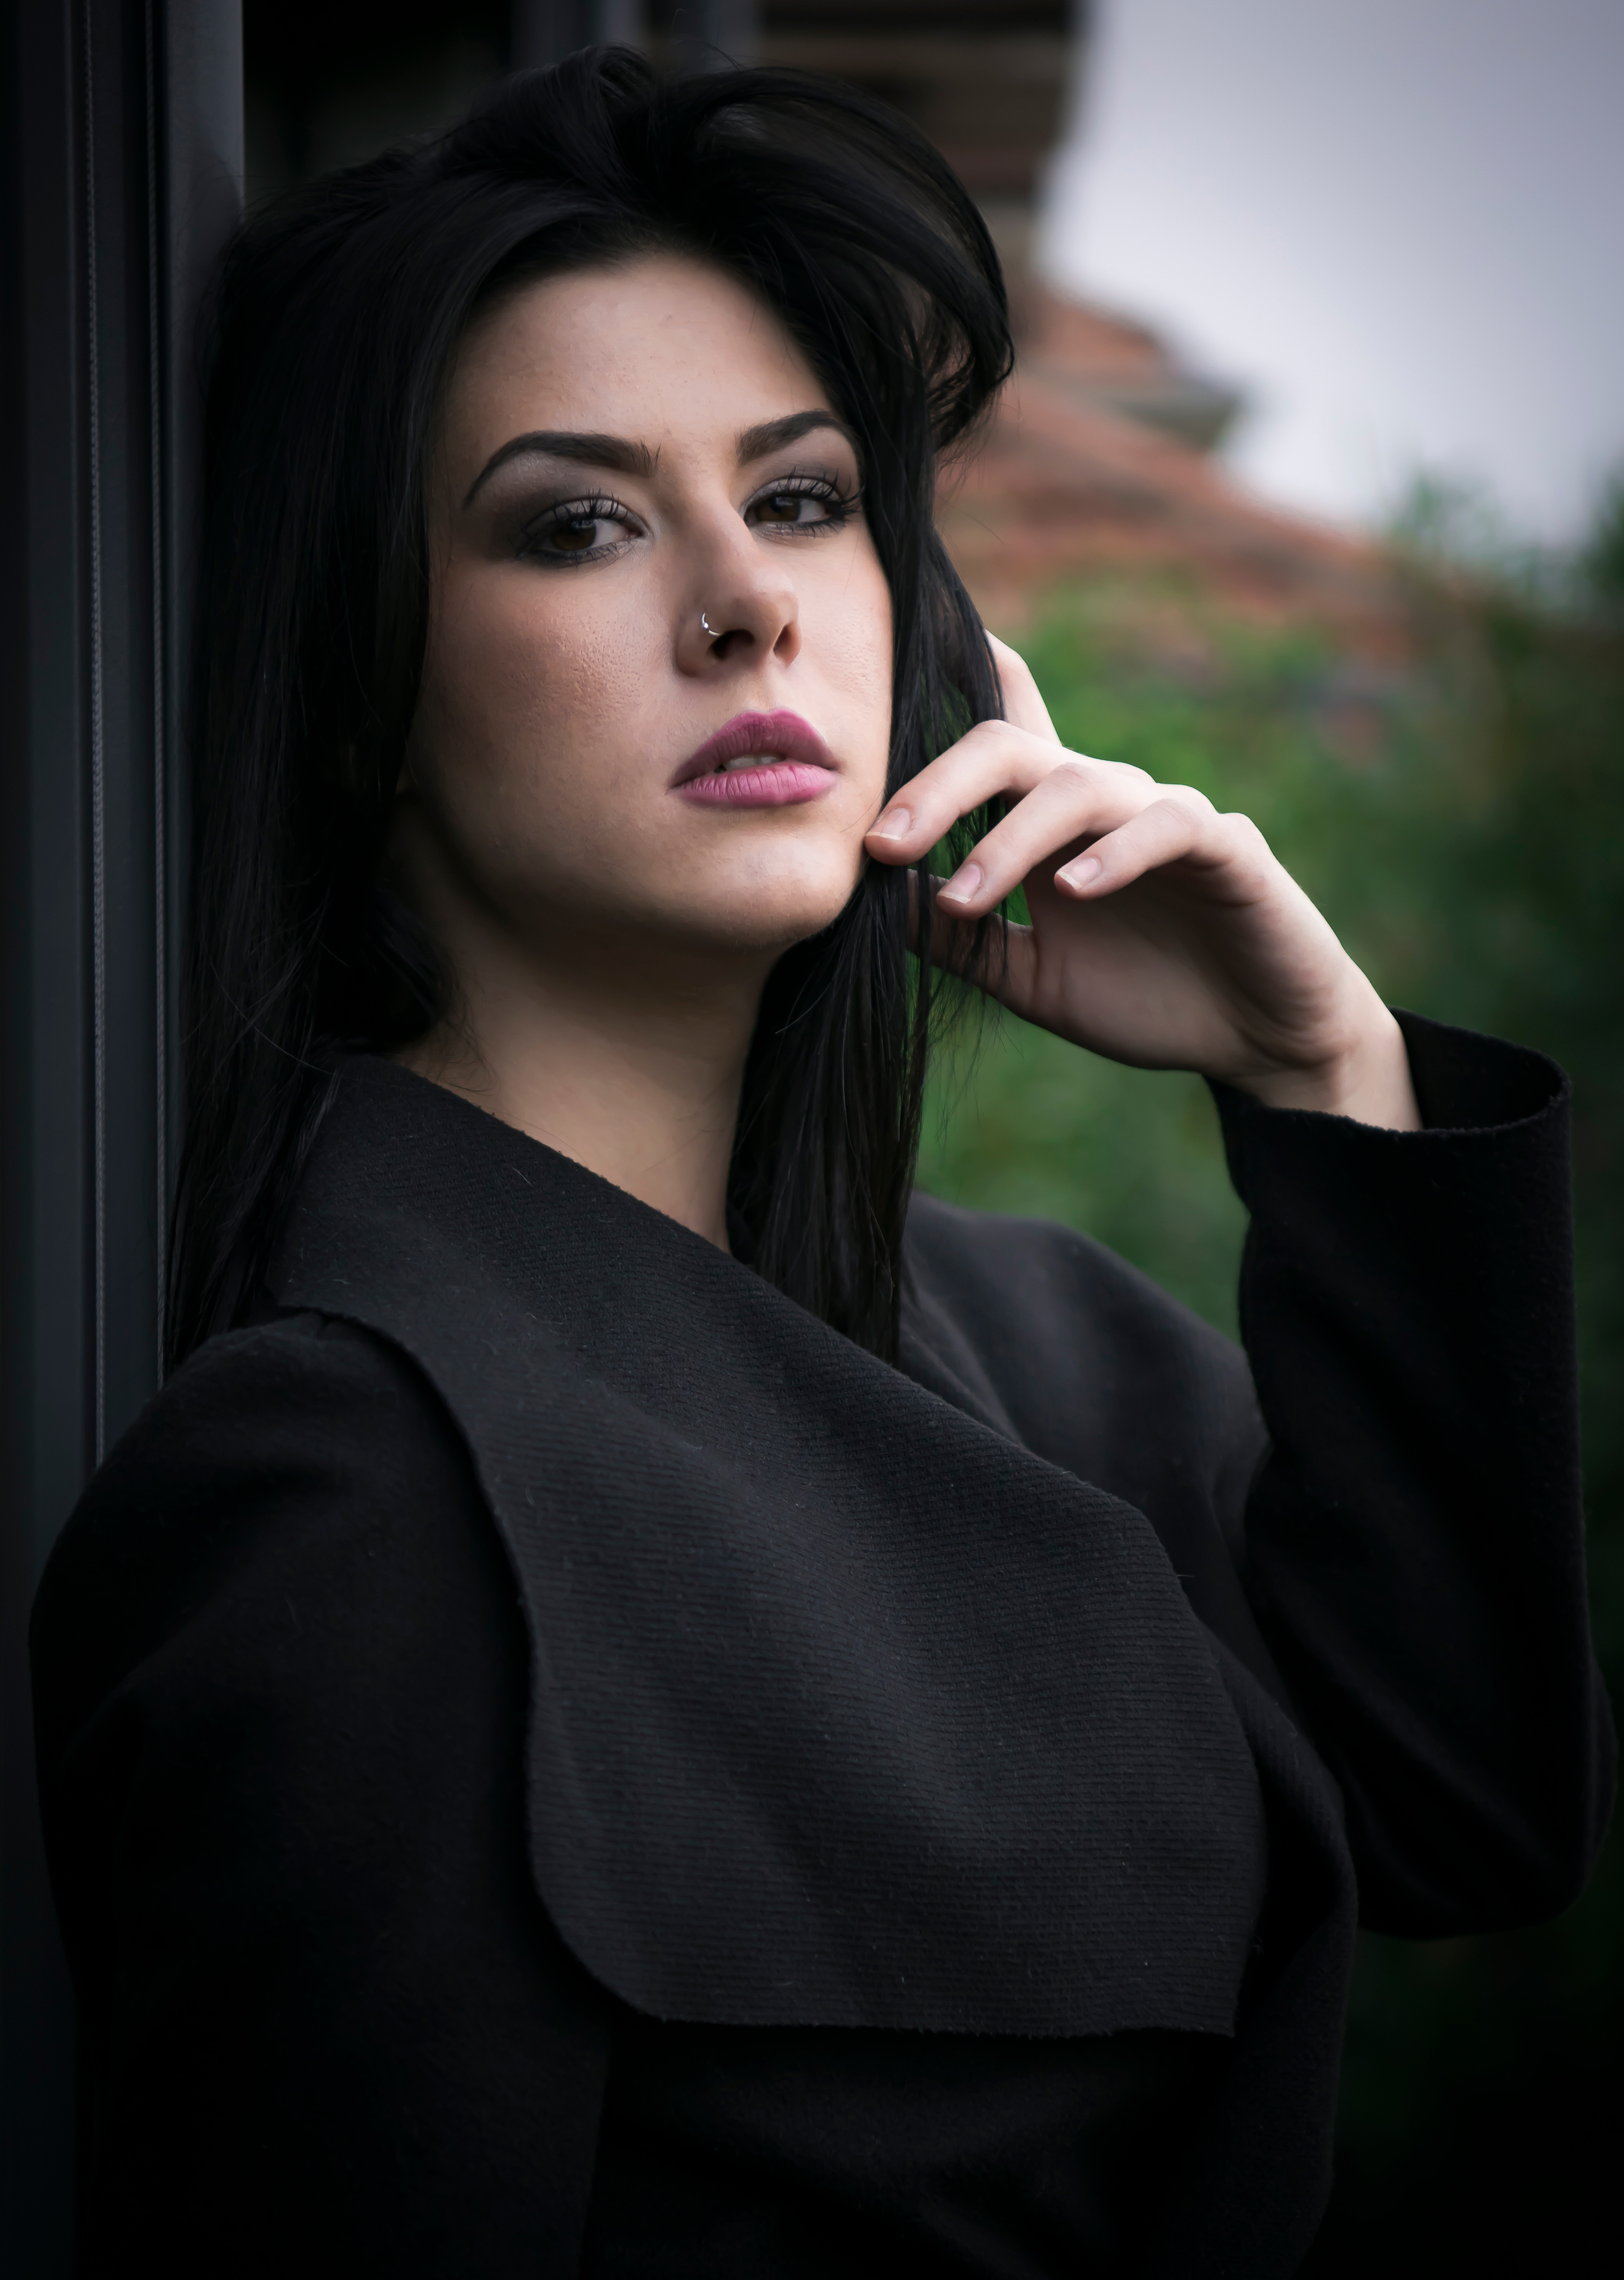 model: Valeria Lariccia